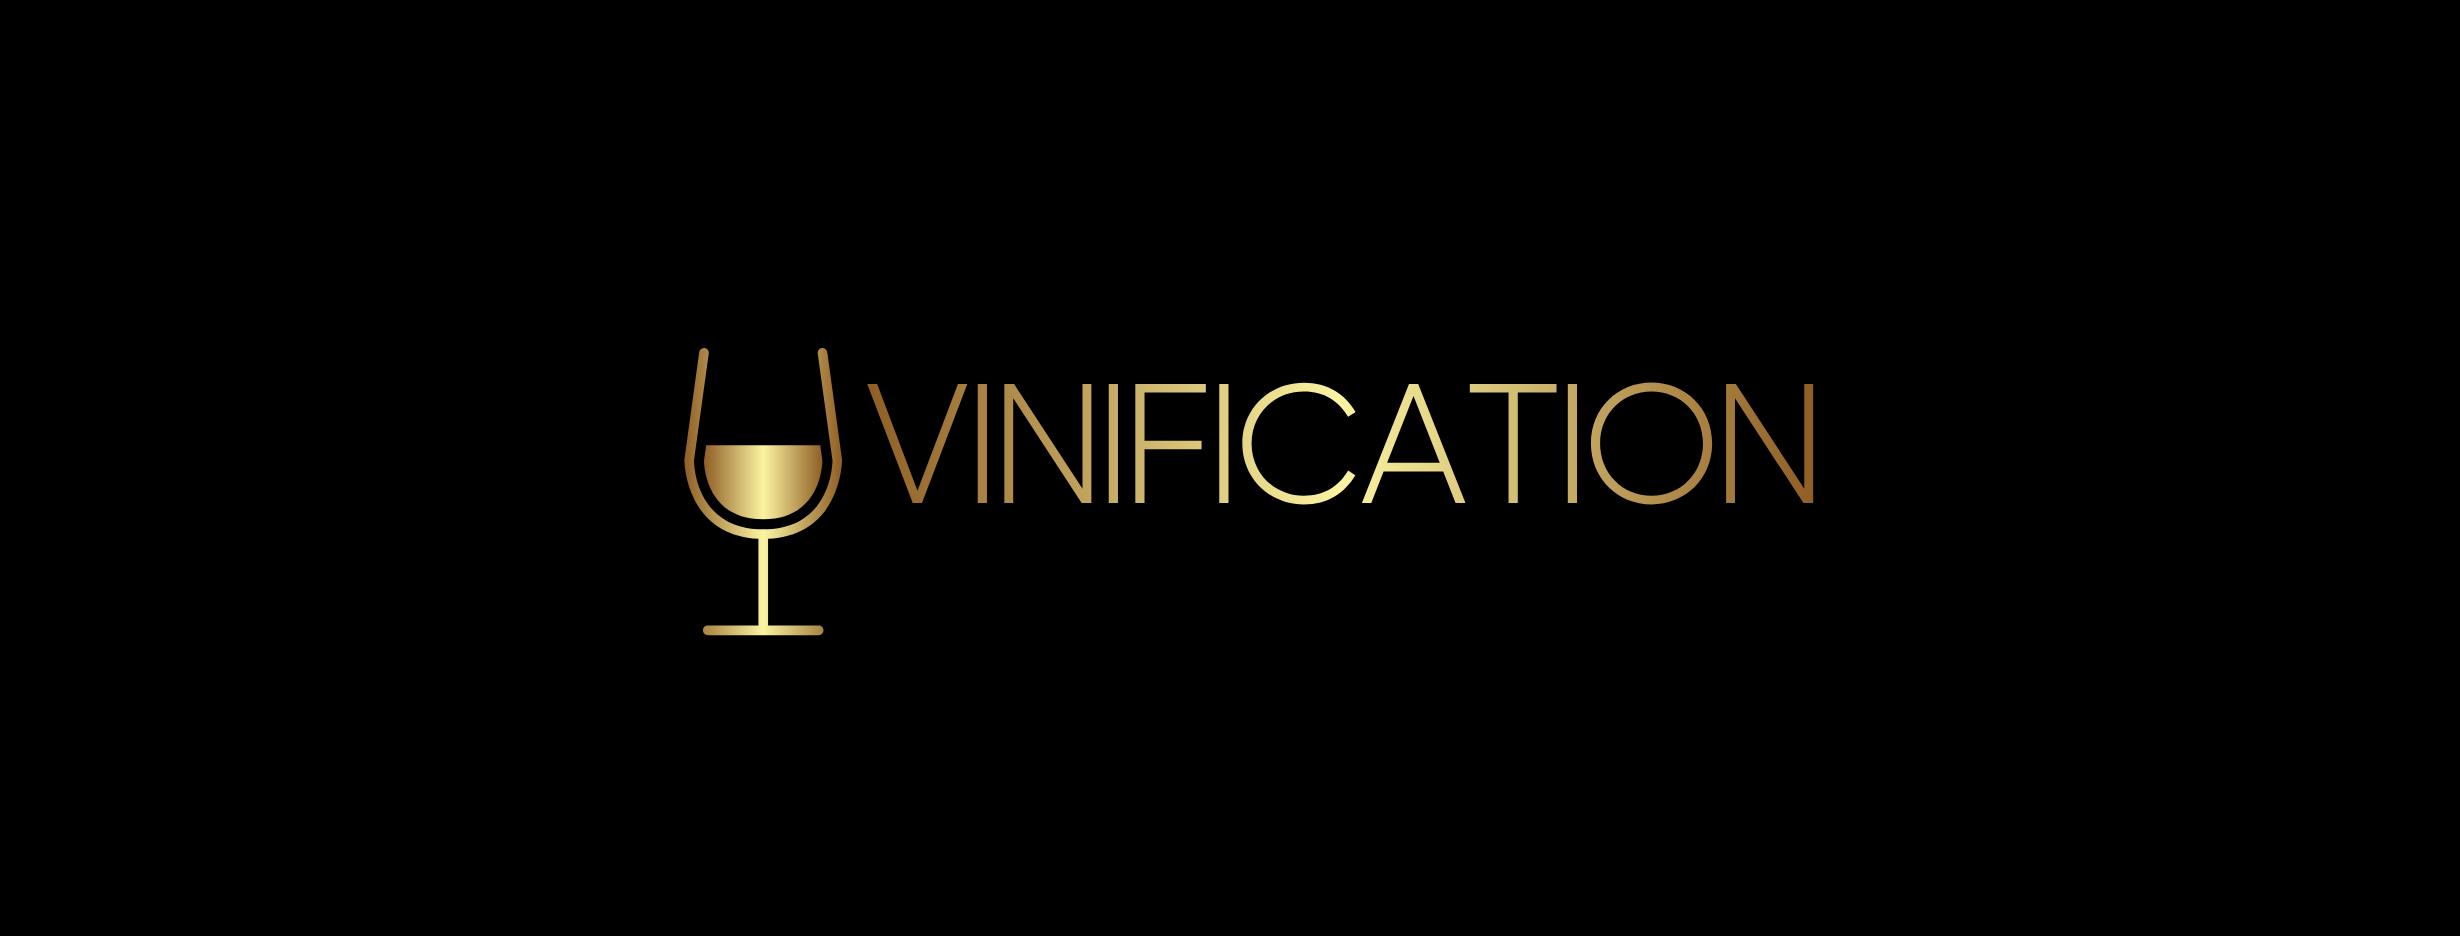 U Vinification